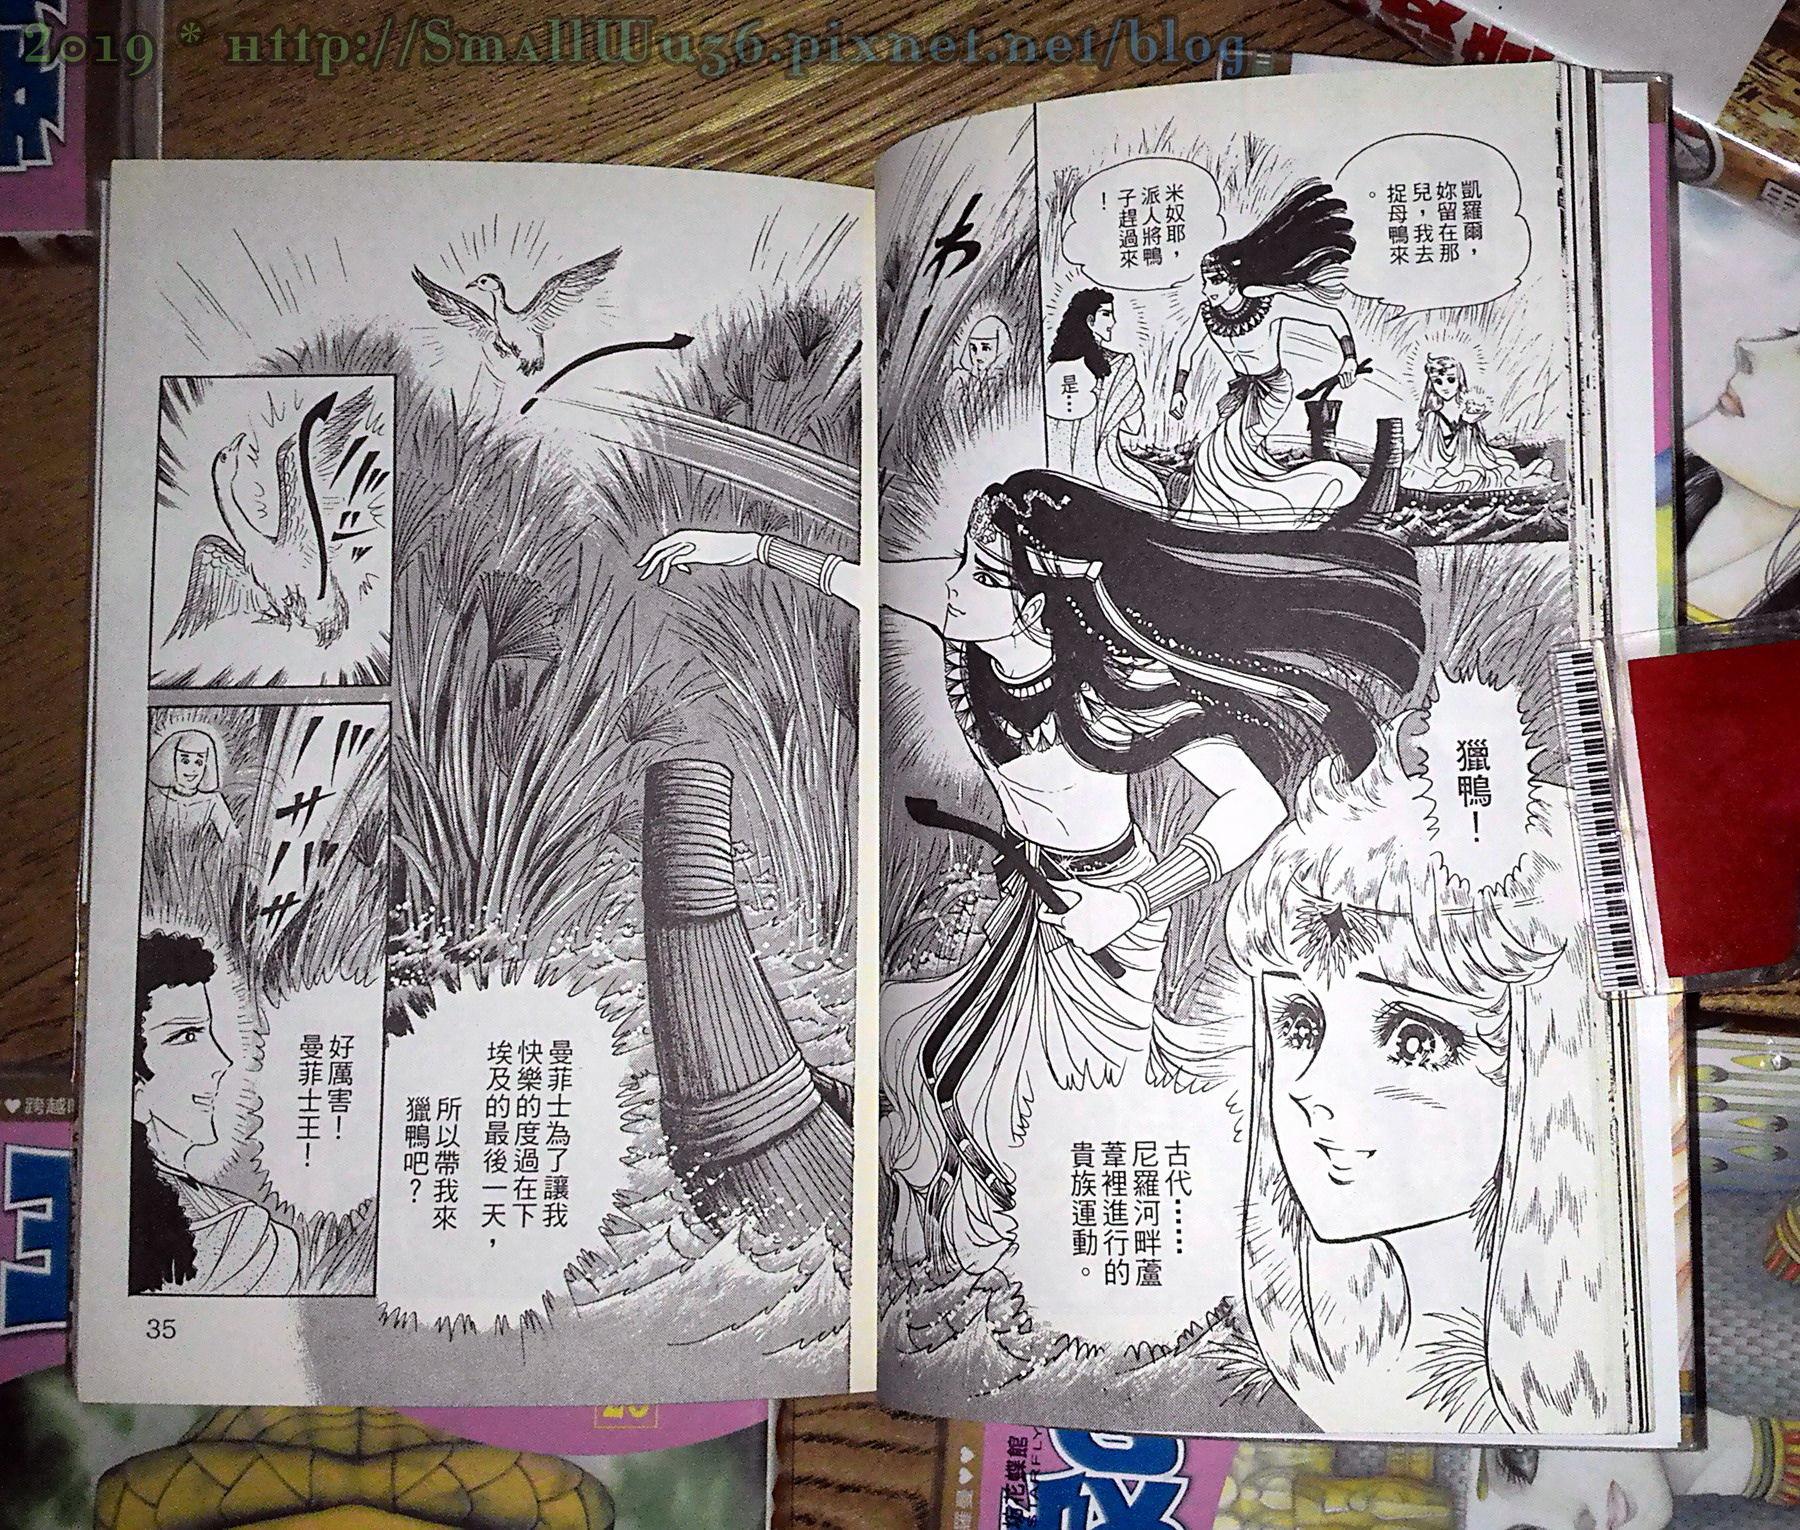 細川智榮子-王家的紋章(尼羅河女兒) 11-26 (長鴻)  vol_20.jpg